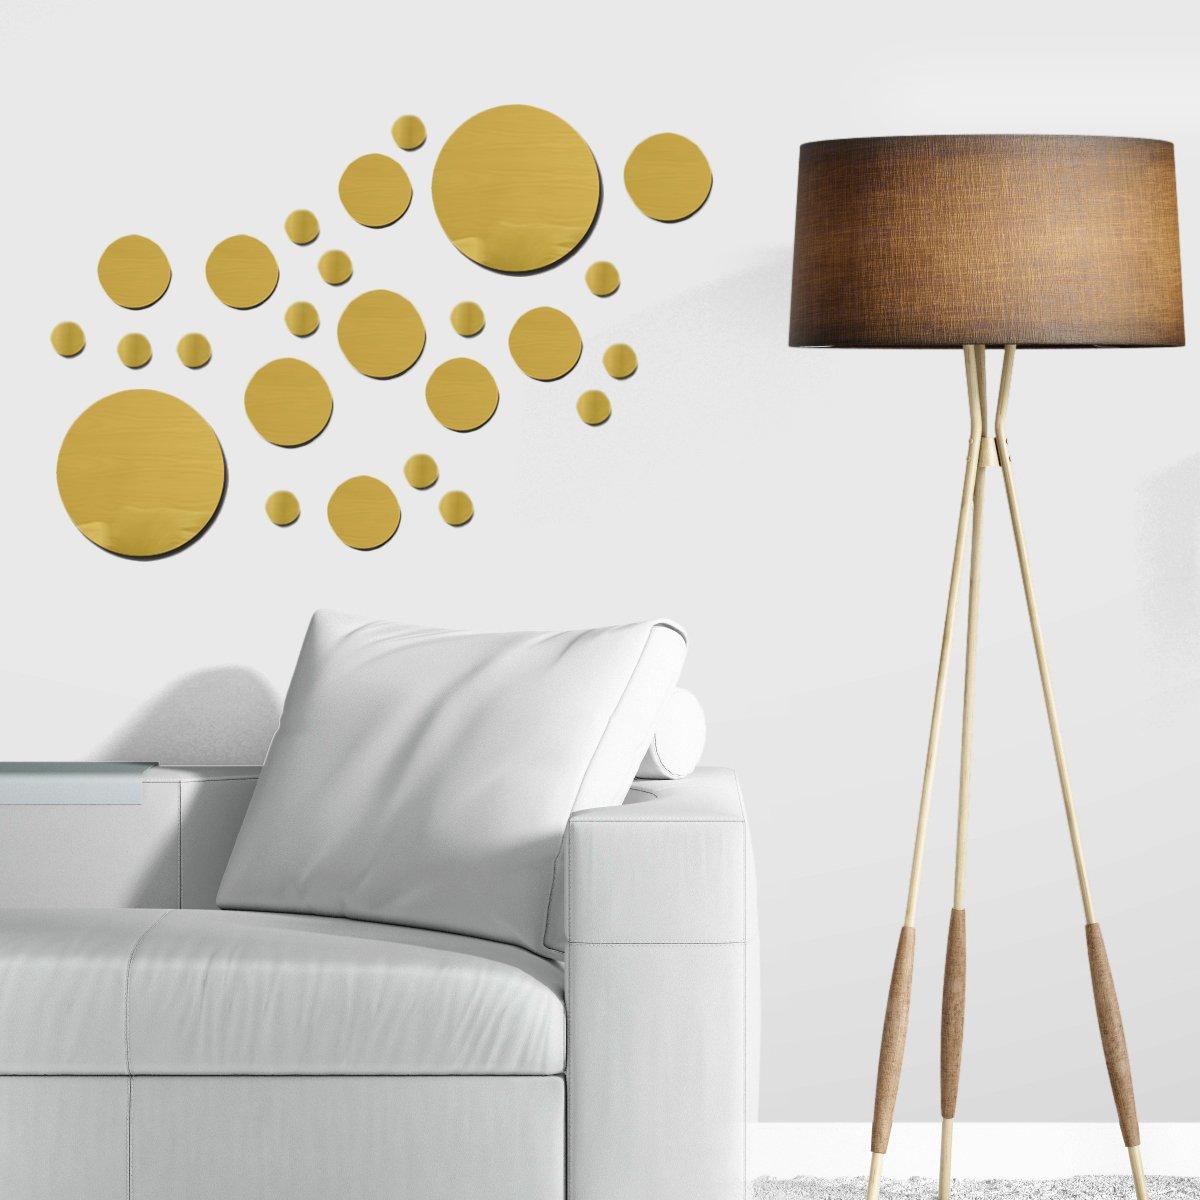 Buy Metallic Wall Decals Gold Mirror Wall Stickers Gold Wall Decor Mirror Wall Stickers Gold Dot Wall Decals Gold Polka Dot Wall Decals Circle Mirrors Wall